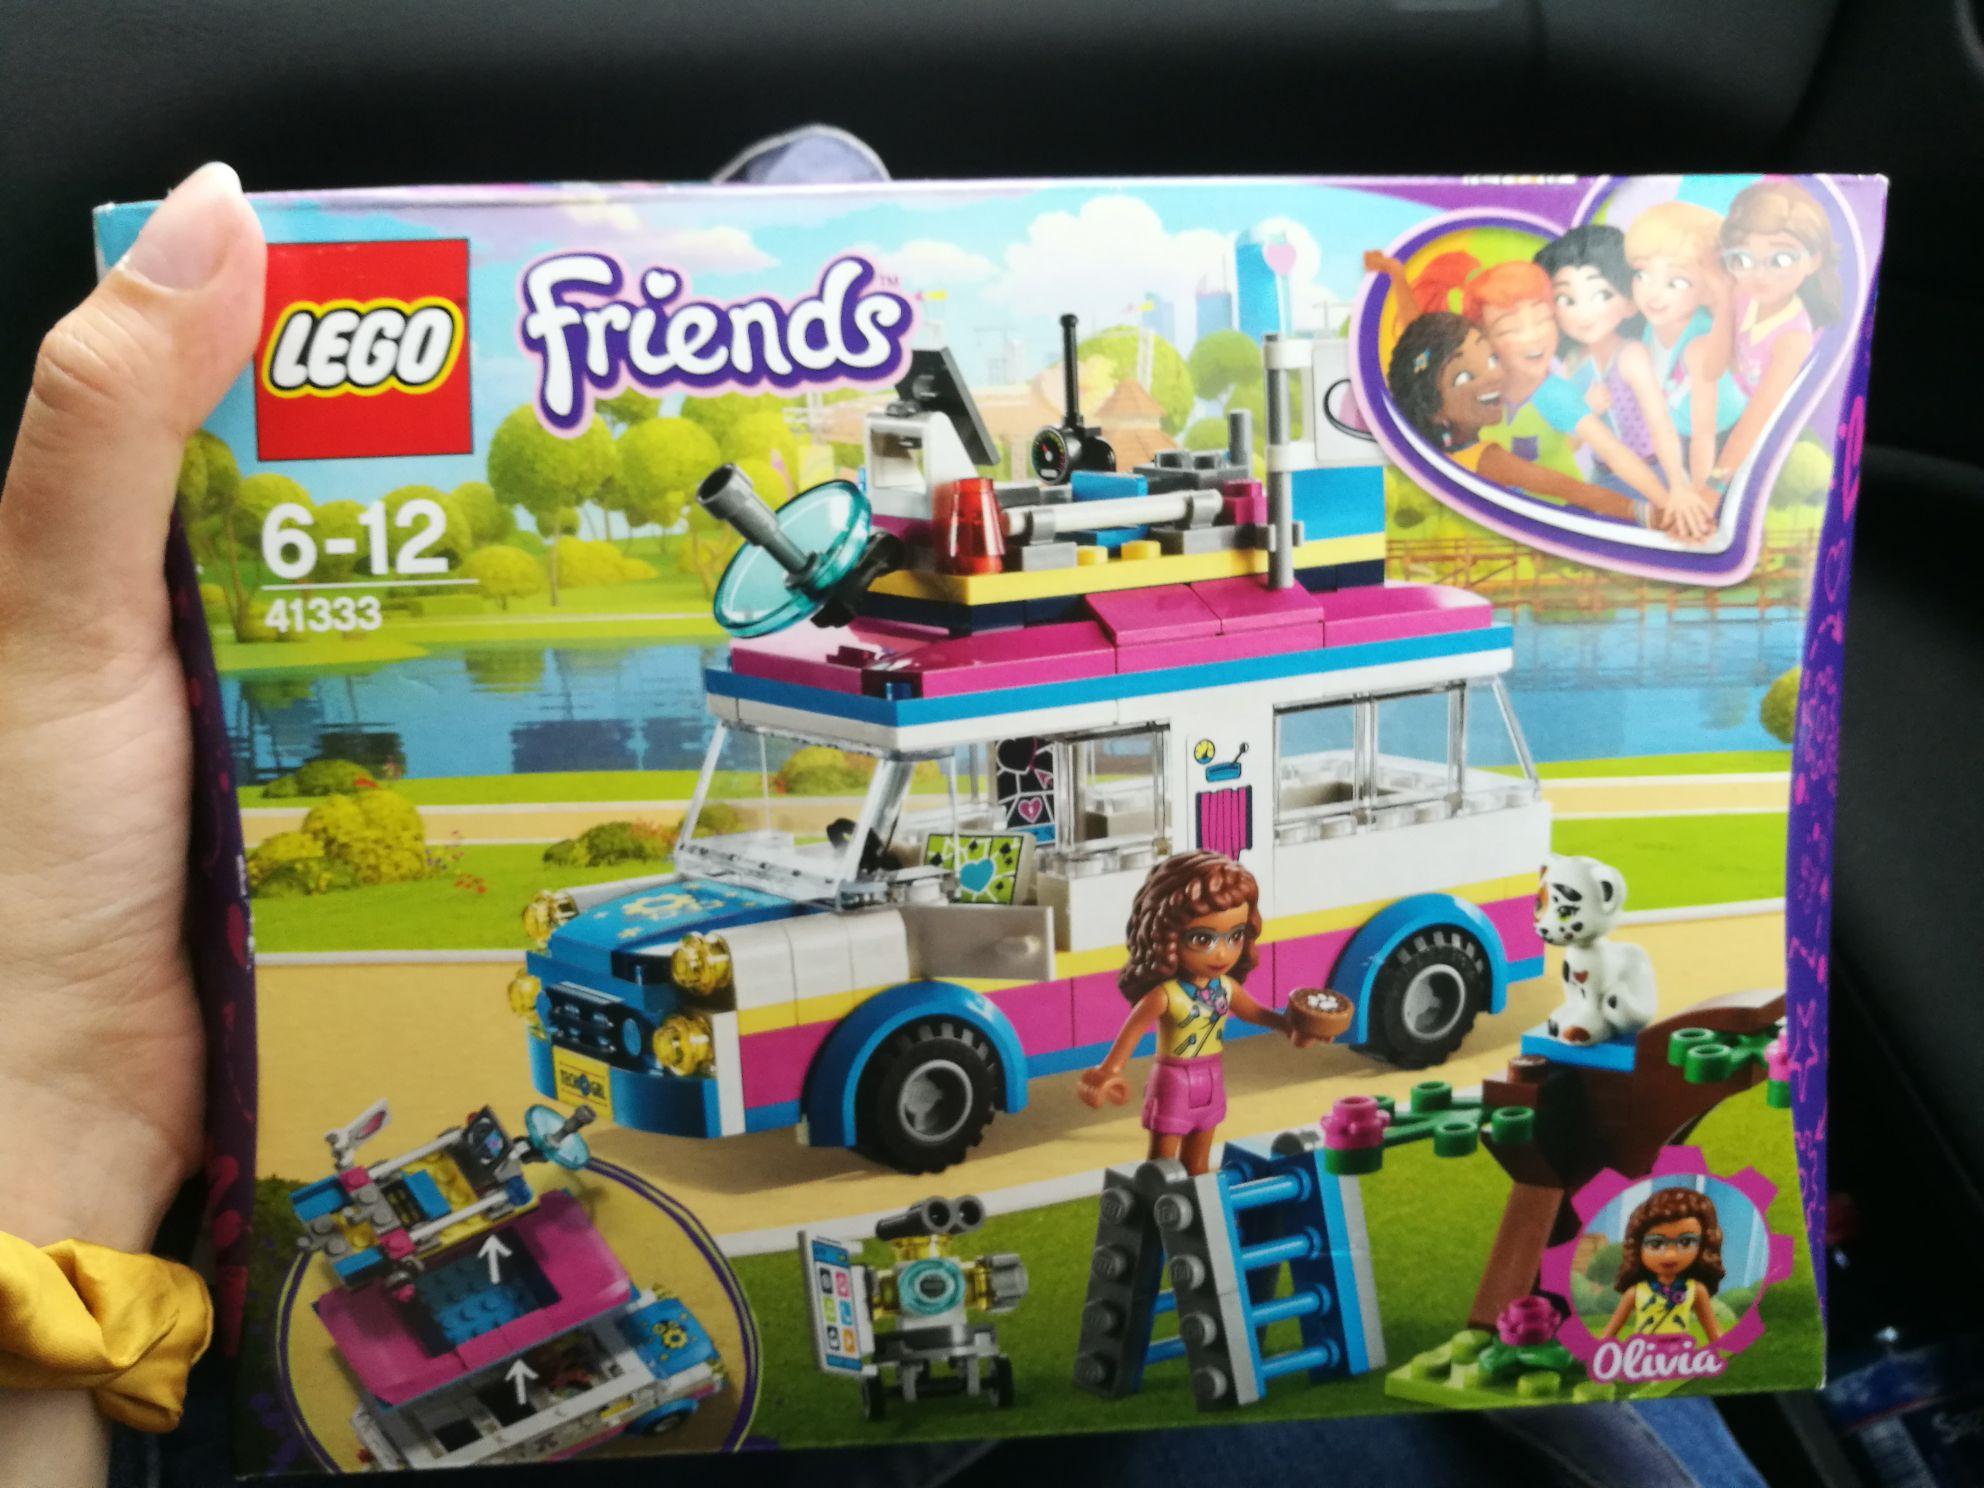 Błąd cenowy w Rossmann lego friends furgonetka Olivii